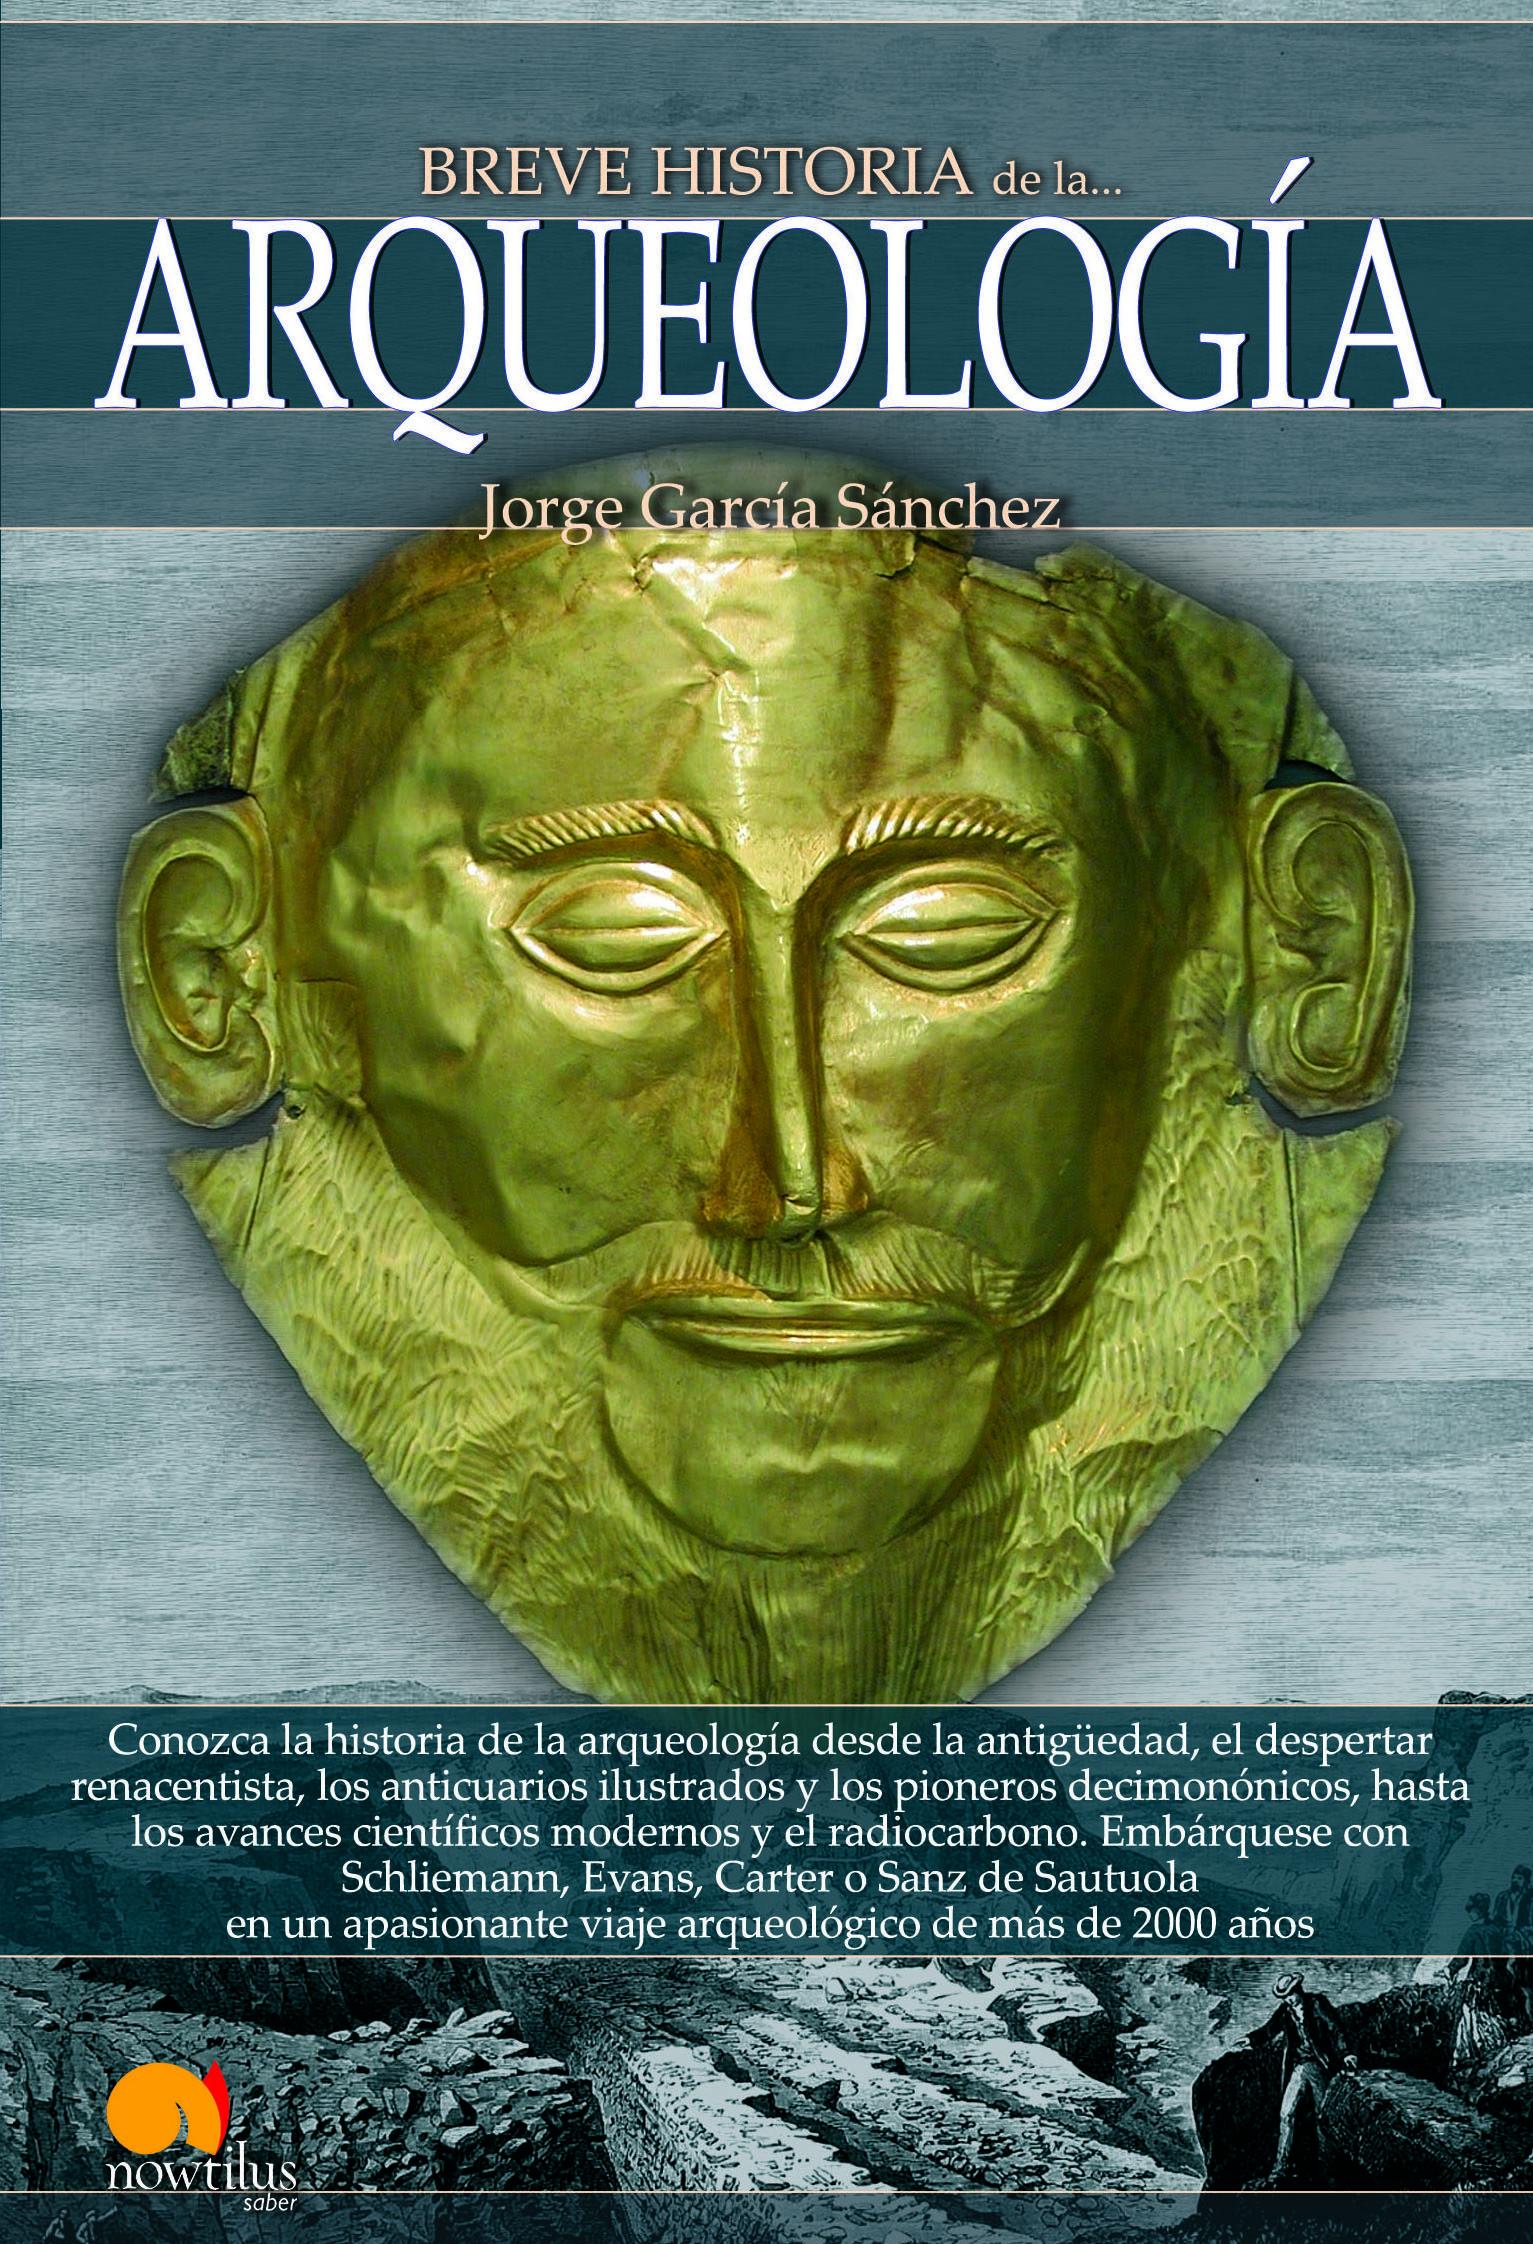 Breve Historia De La Arqueologia Jorge Garcia Sanchez Comprar